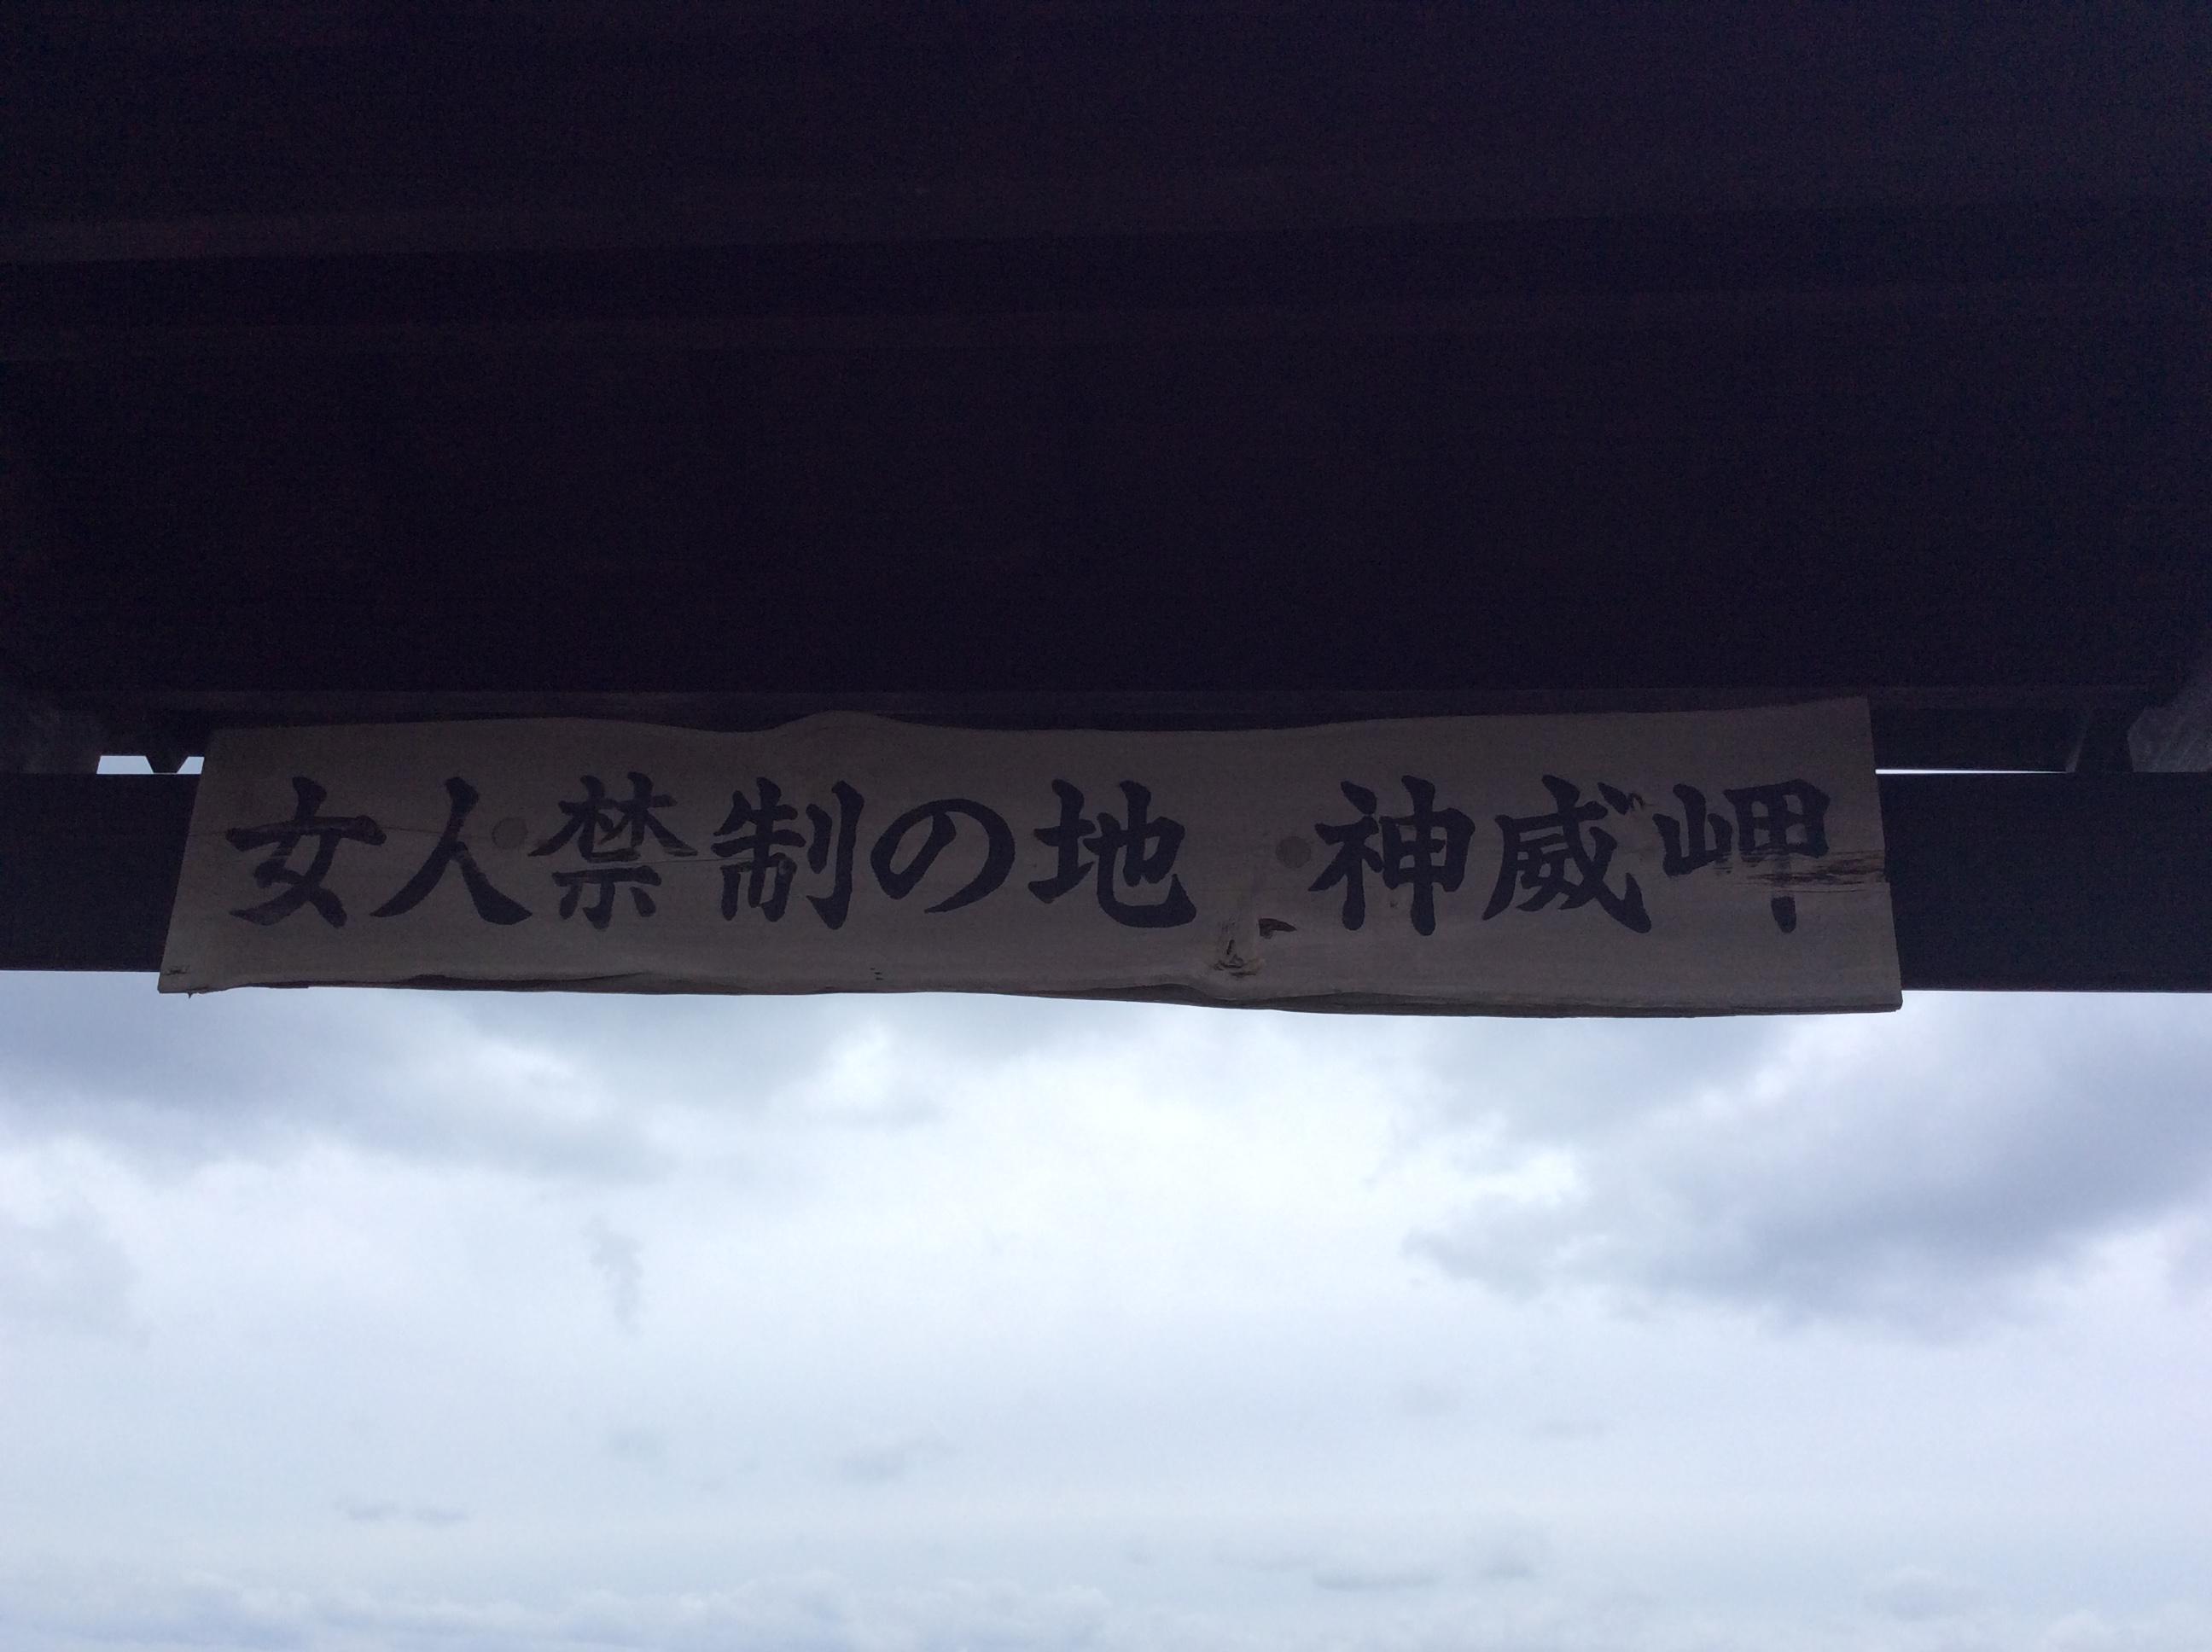 神威岬看板2